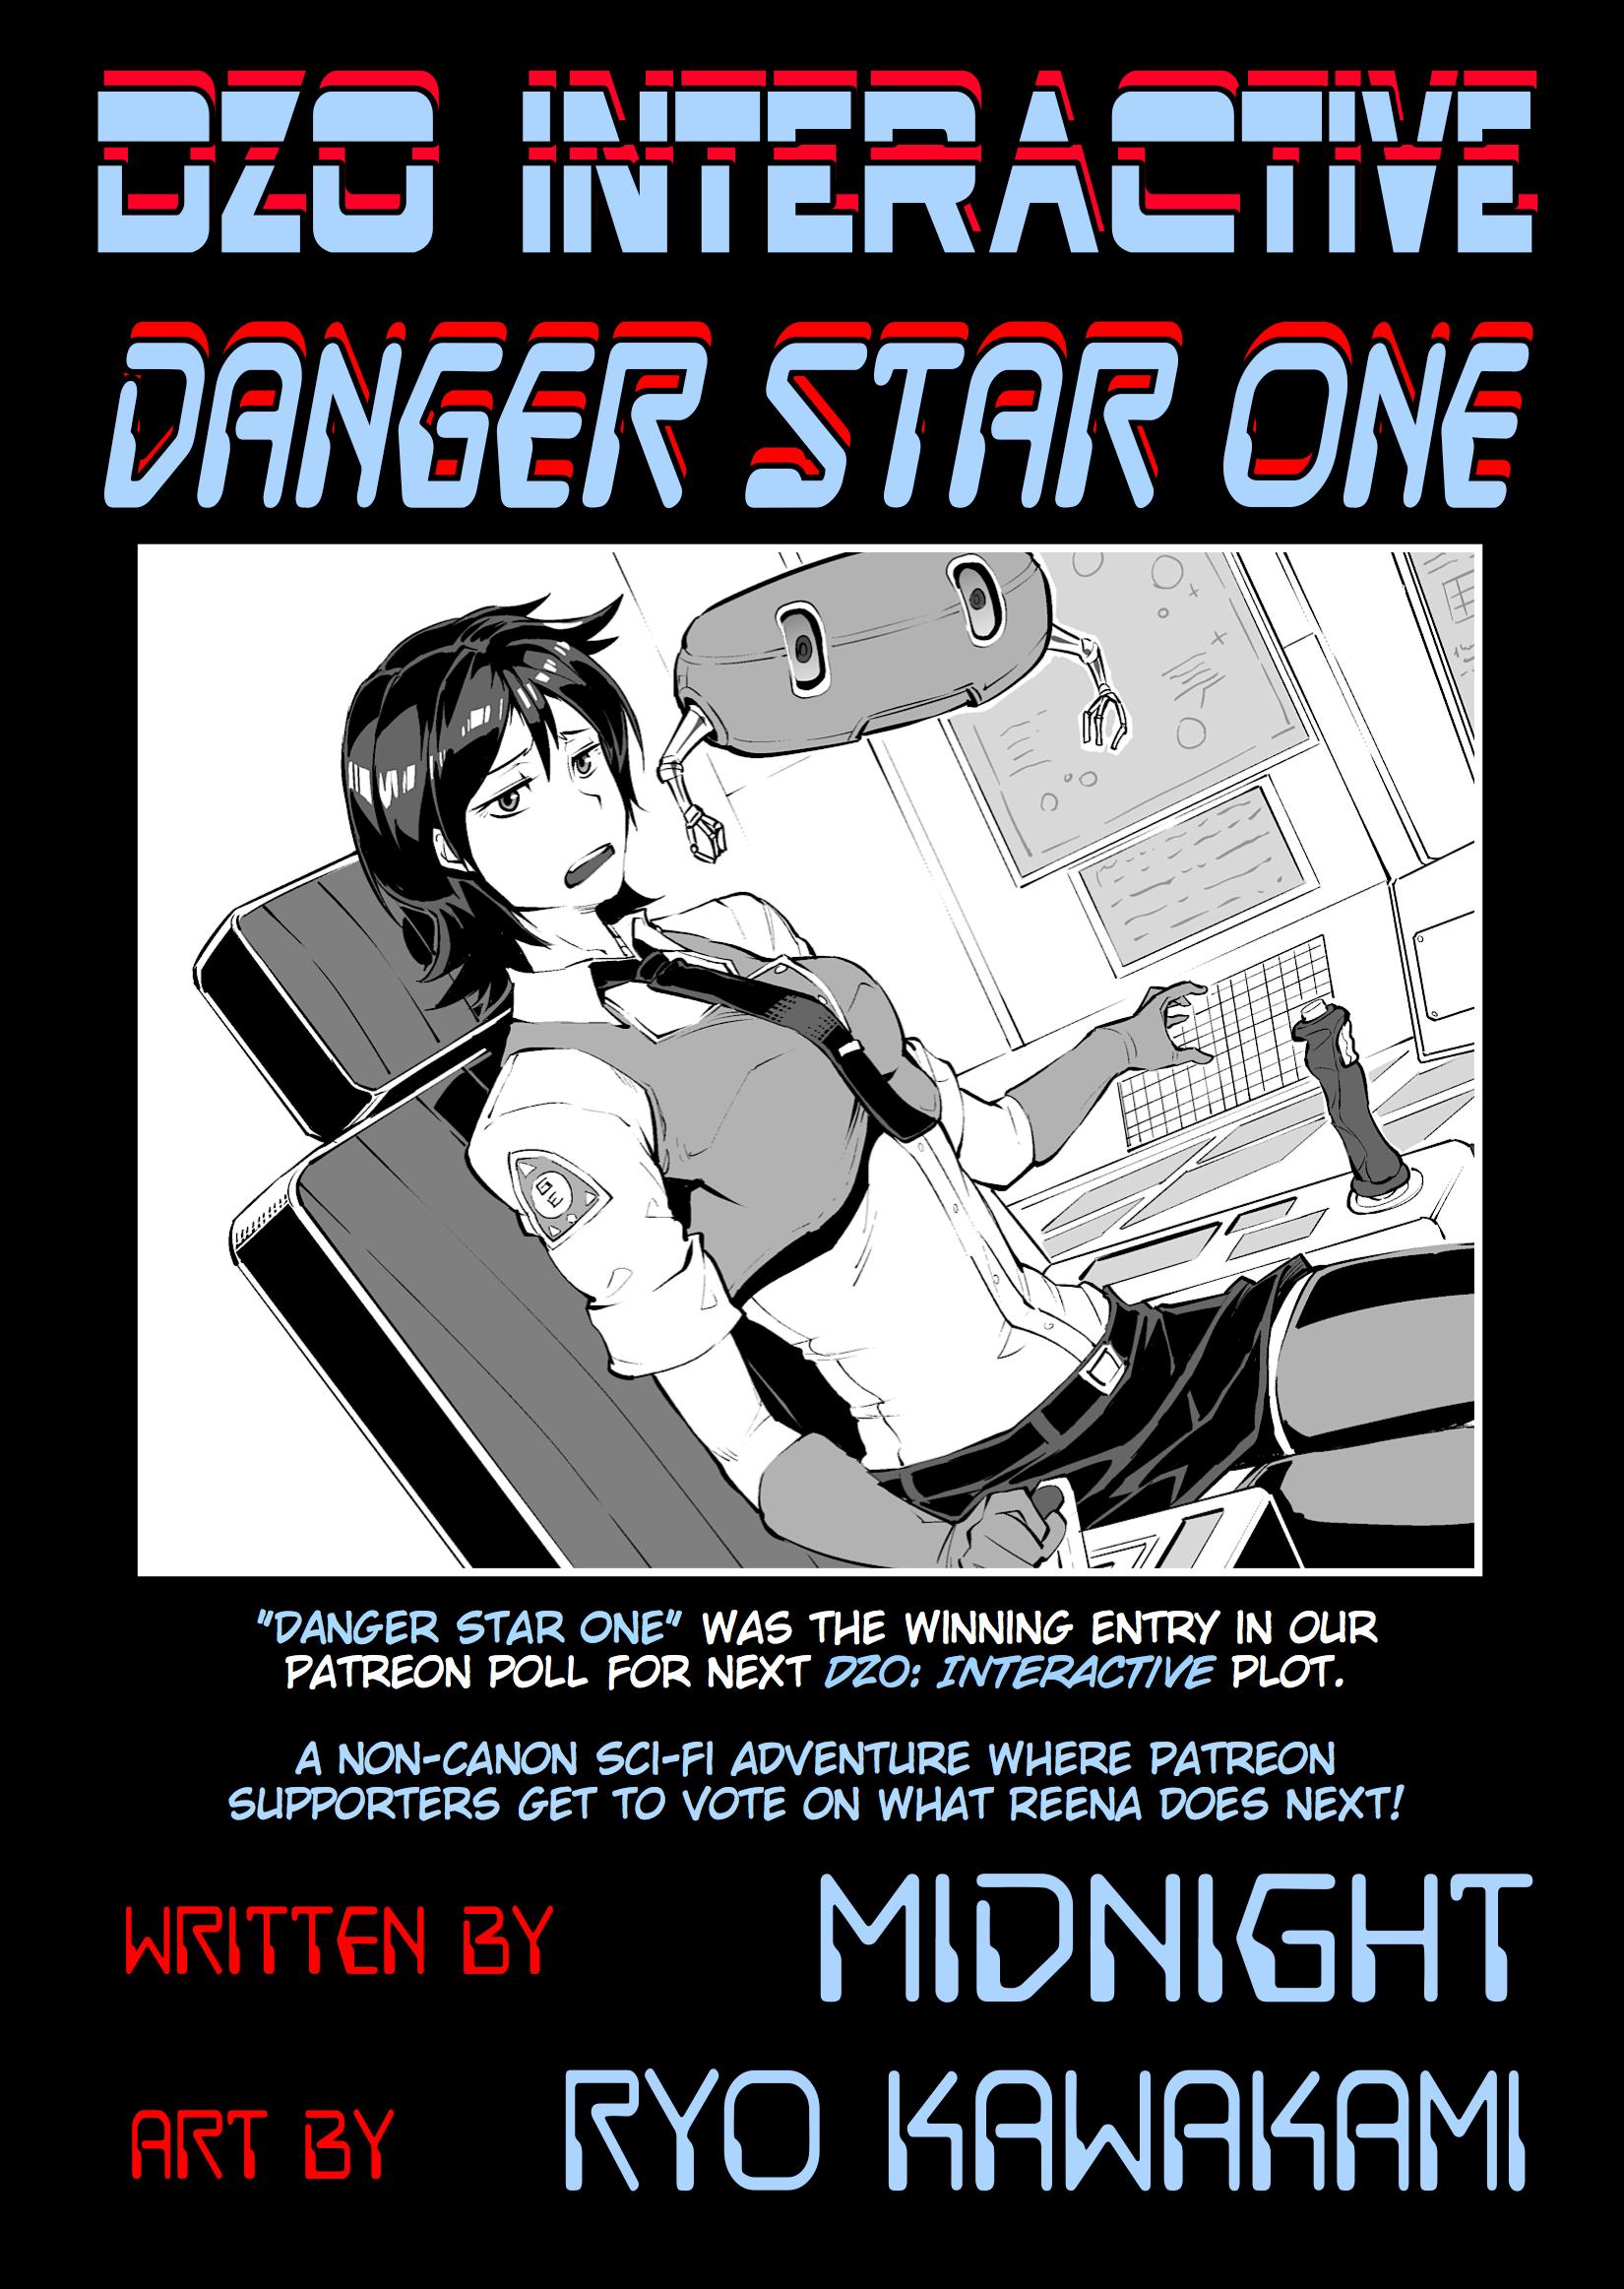 Danger Star One